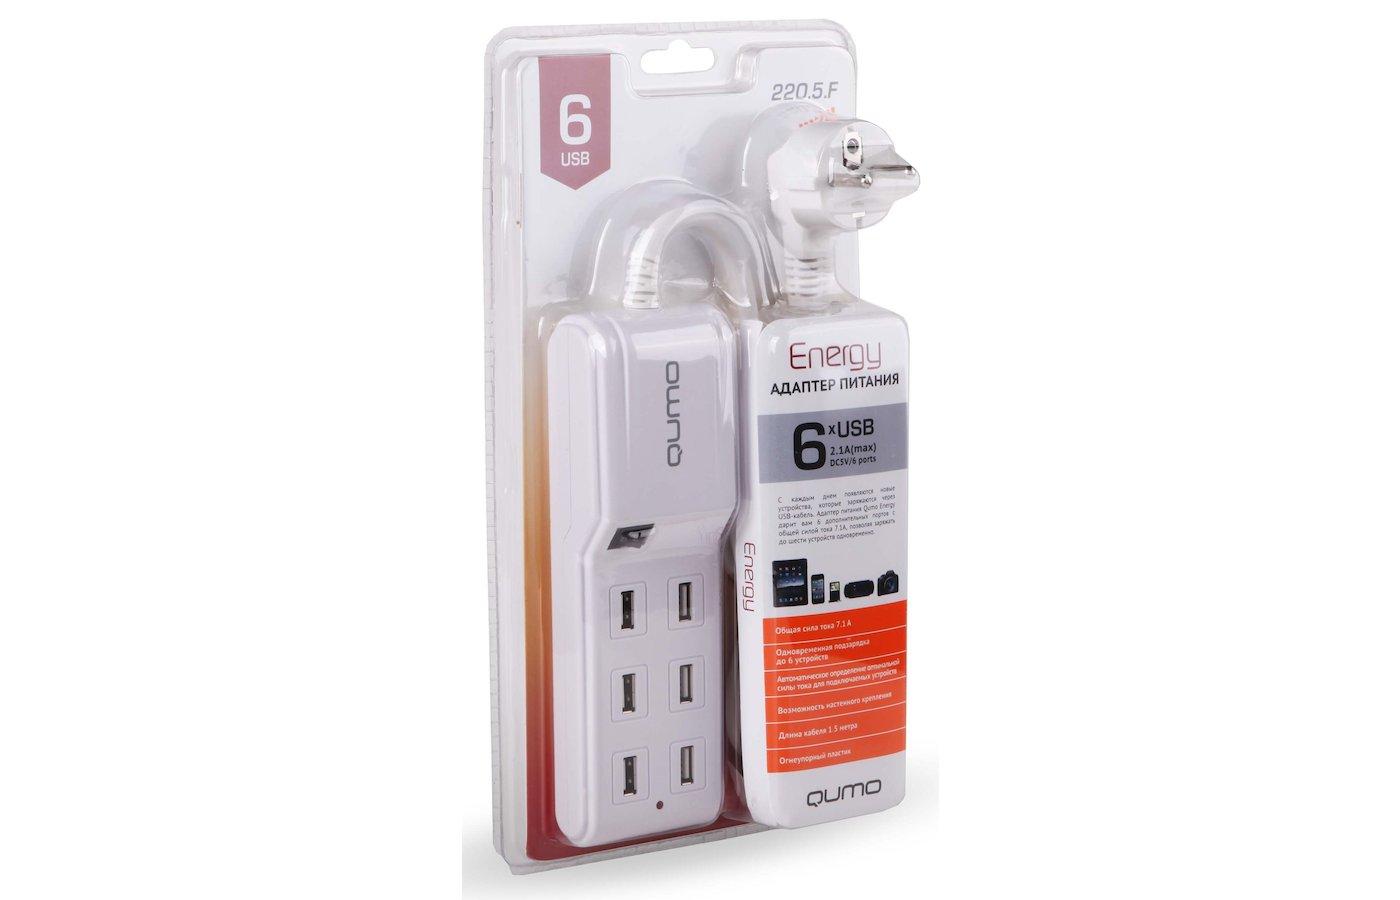 Зарядное устройство QUMO СЗУ 6xUSB 7.1A Energy белый